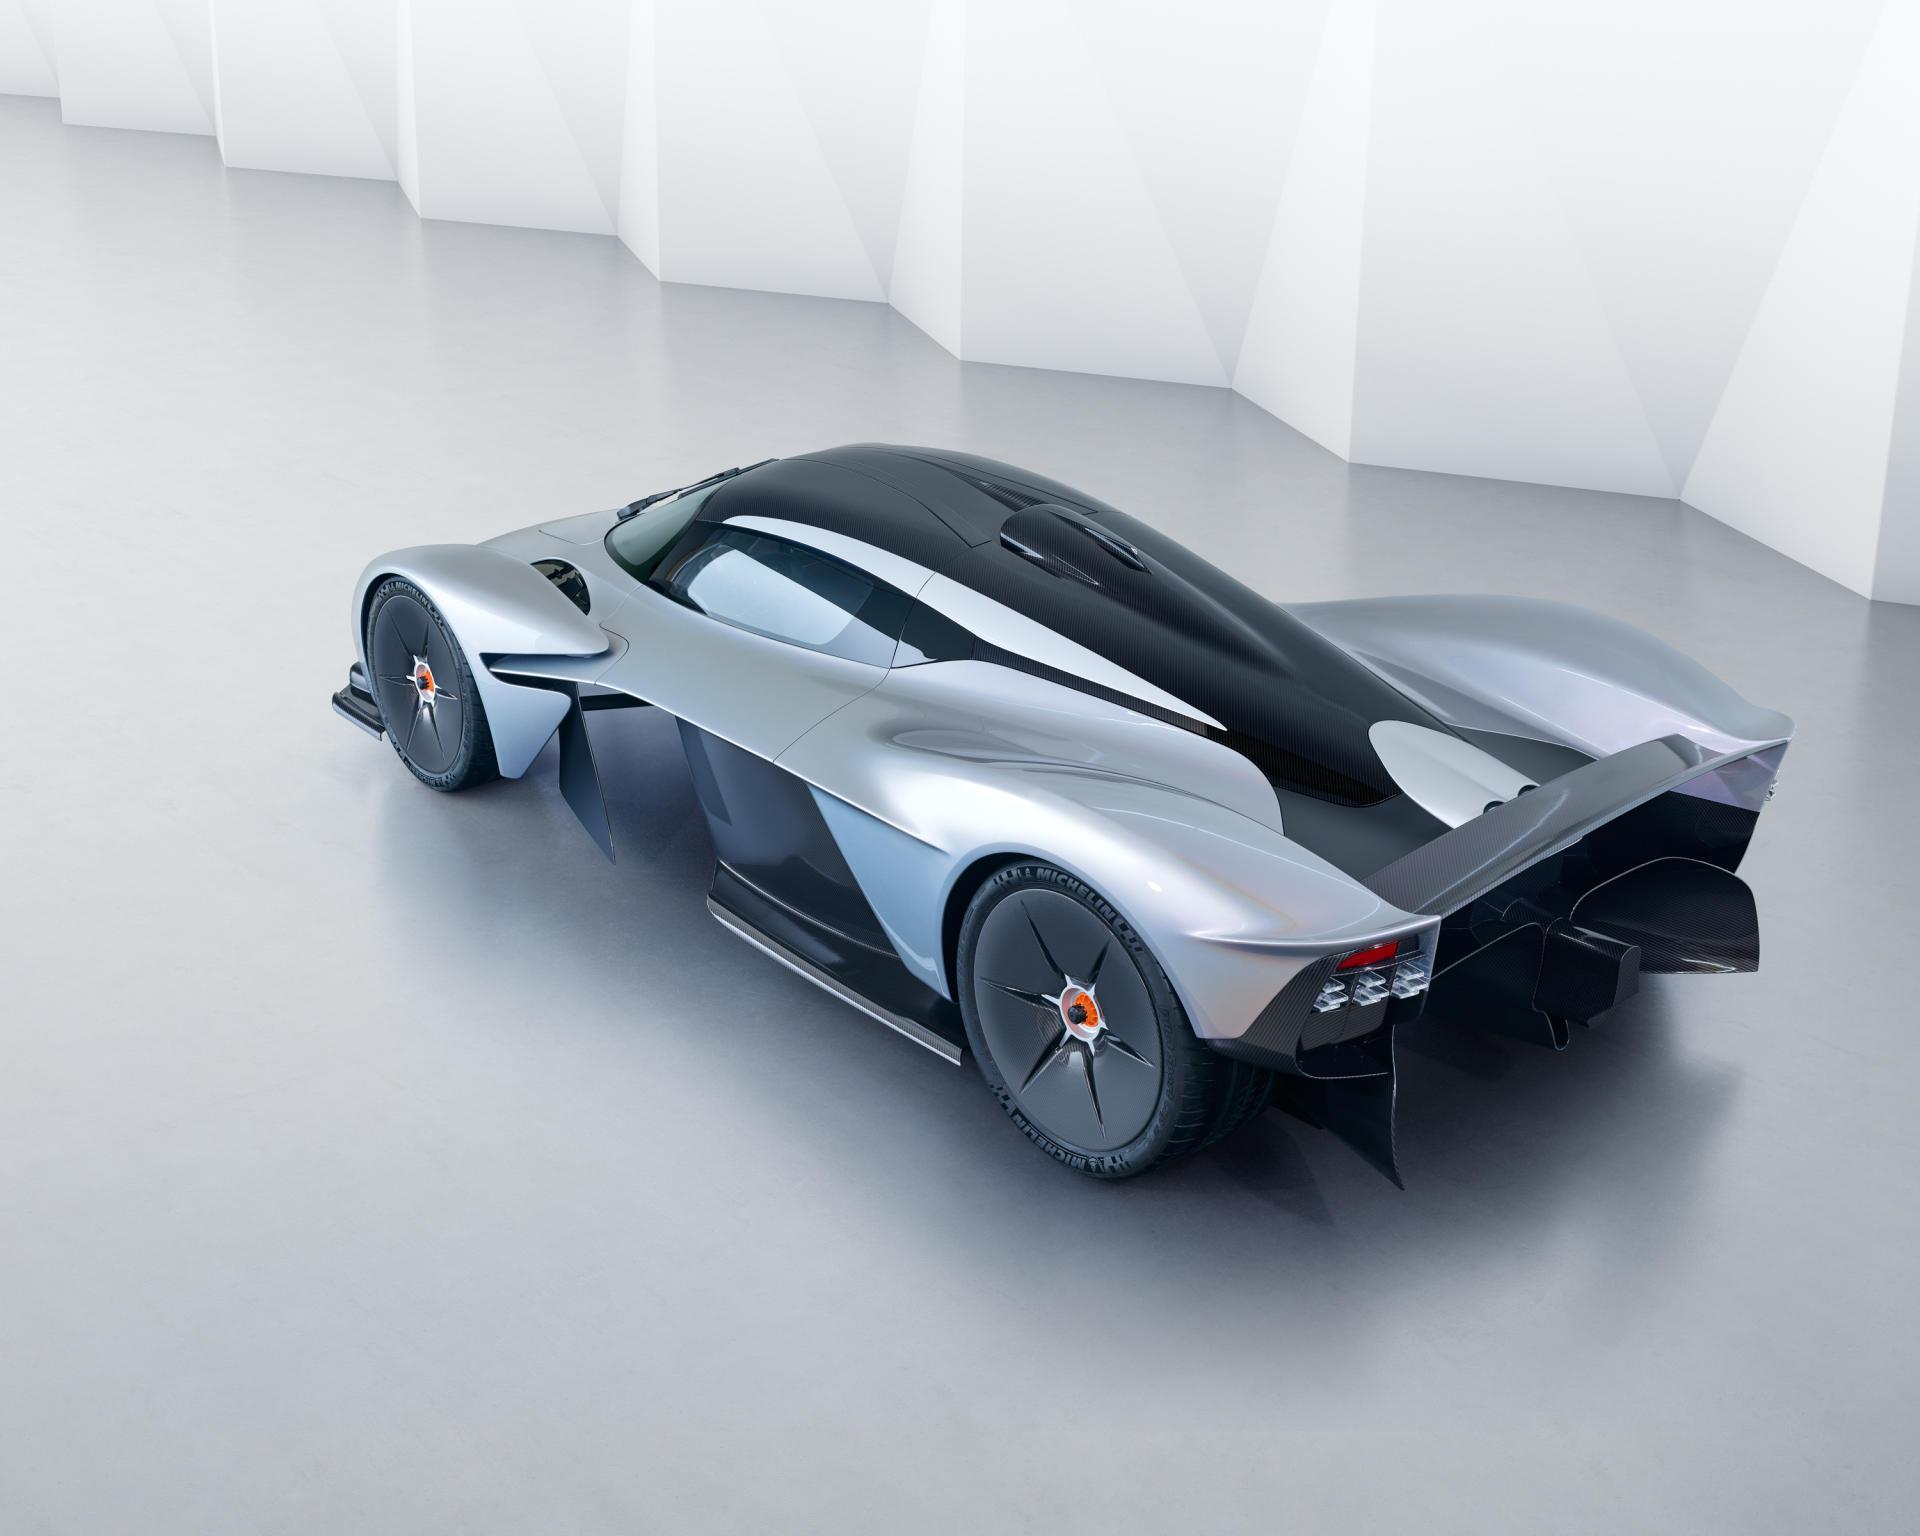 Aston Martin ya trabaja en el reemplazo del Valkyrie: llegará en 2019